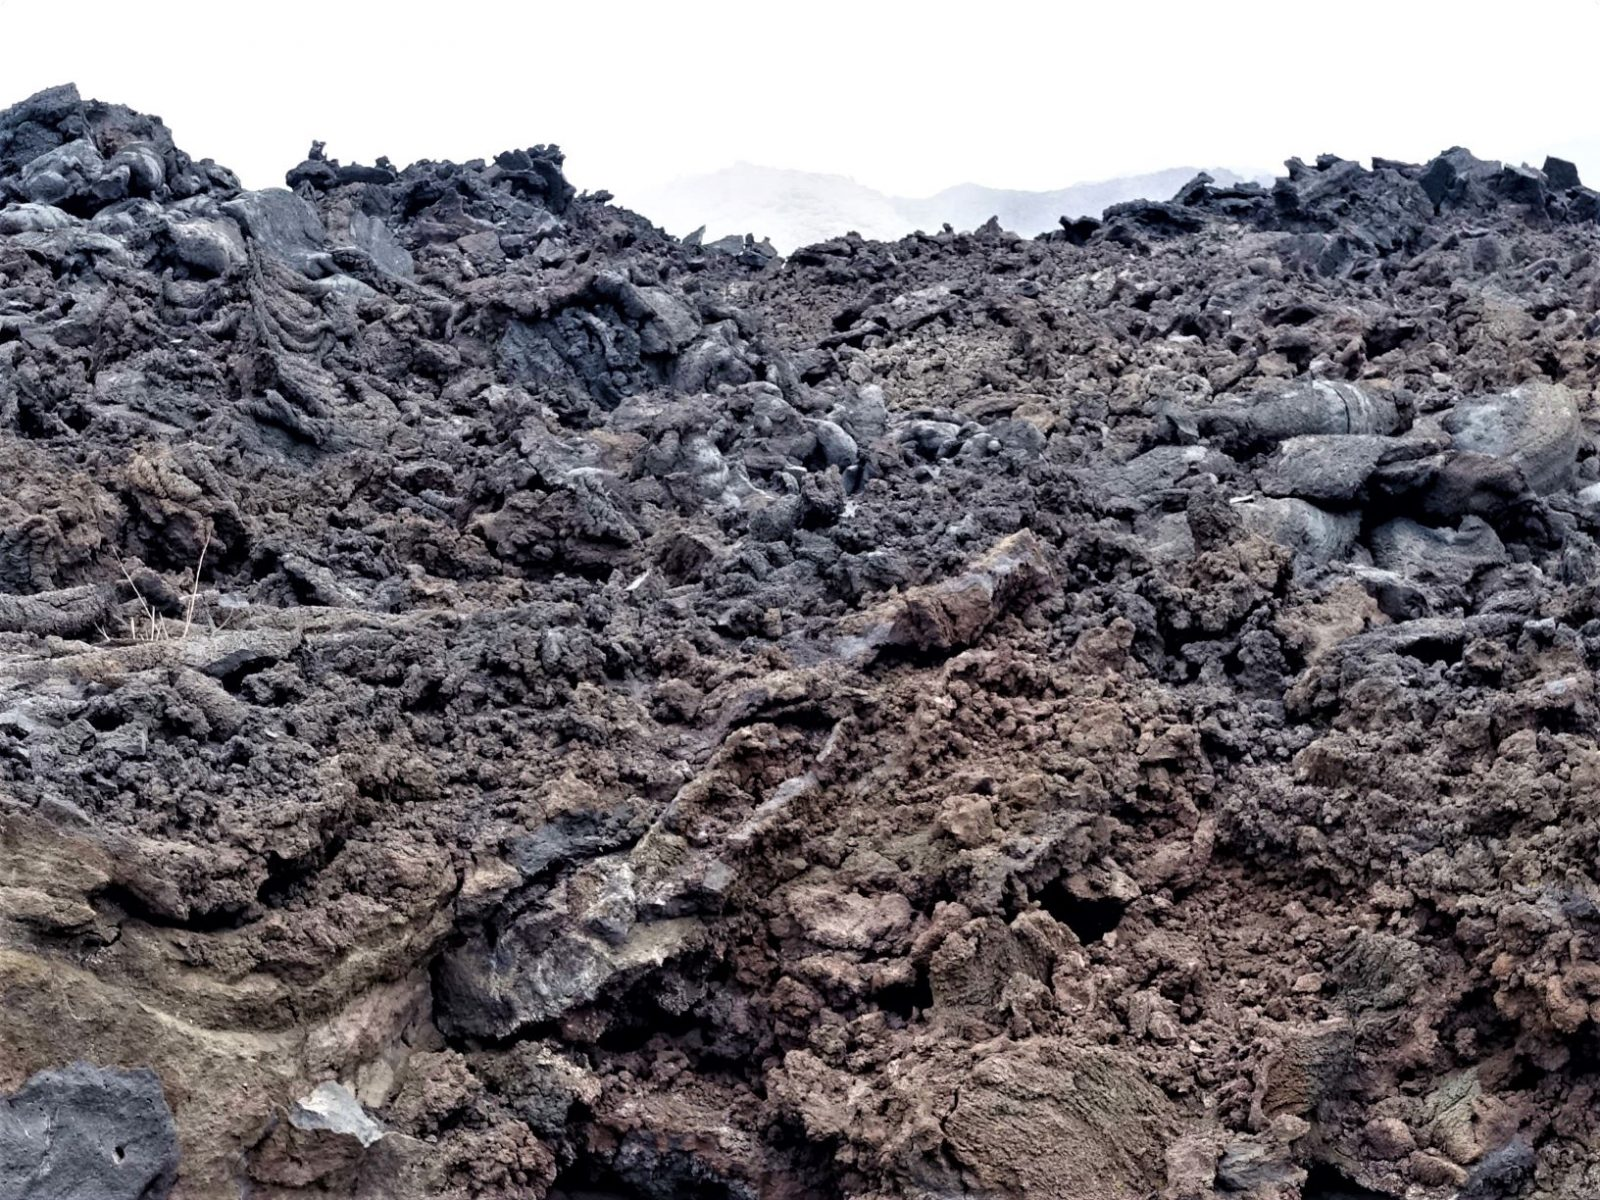 Lavastrøm Etna vulkanen på Sicilia